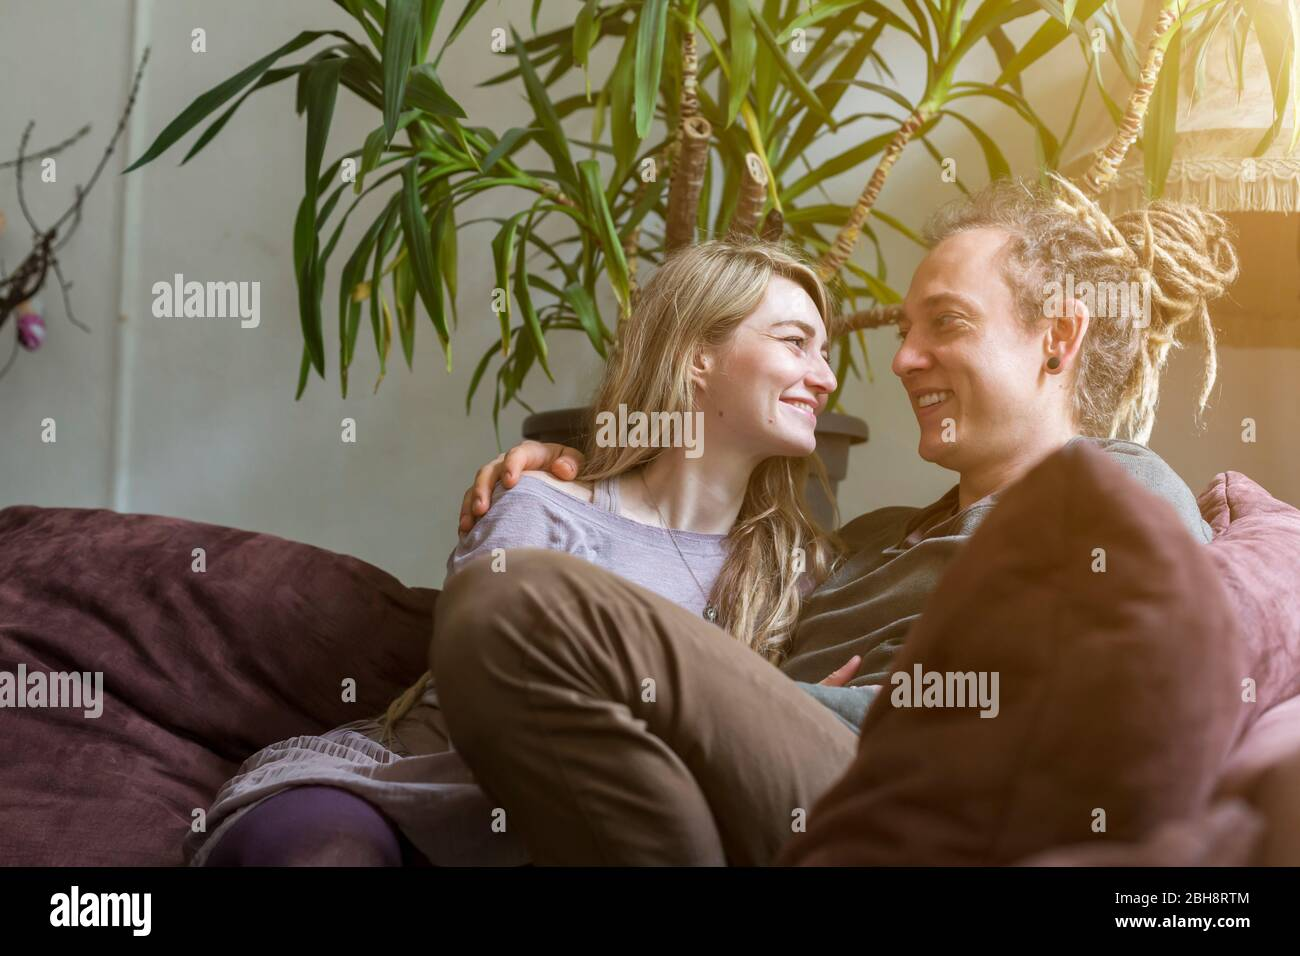 Amando feliz pareja joven moderna con dreadlocks sentado brazo en el brazo en un sofá riendo y mirando en los ojos de los demás Foto de stock